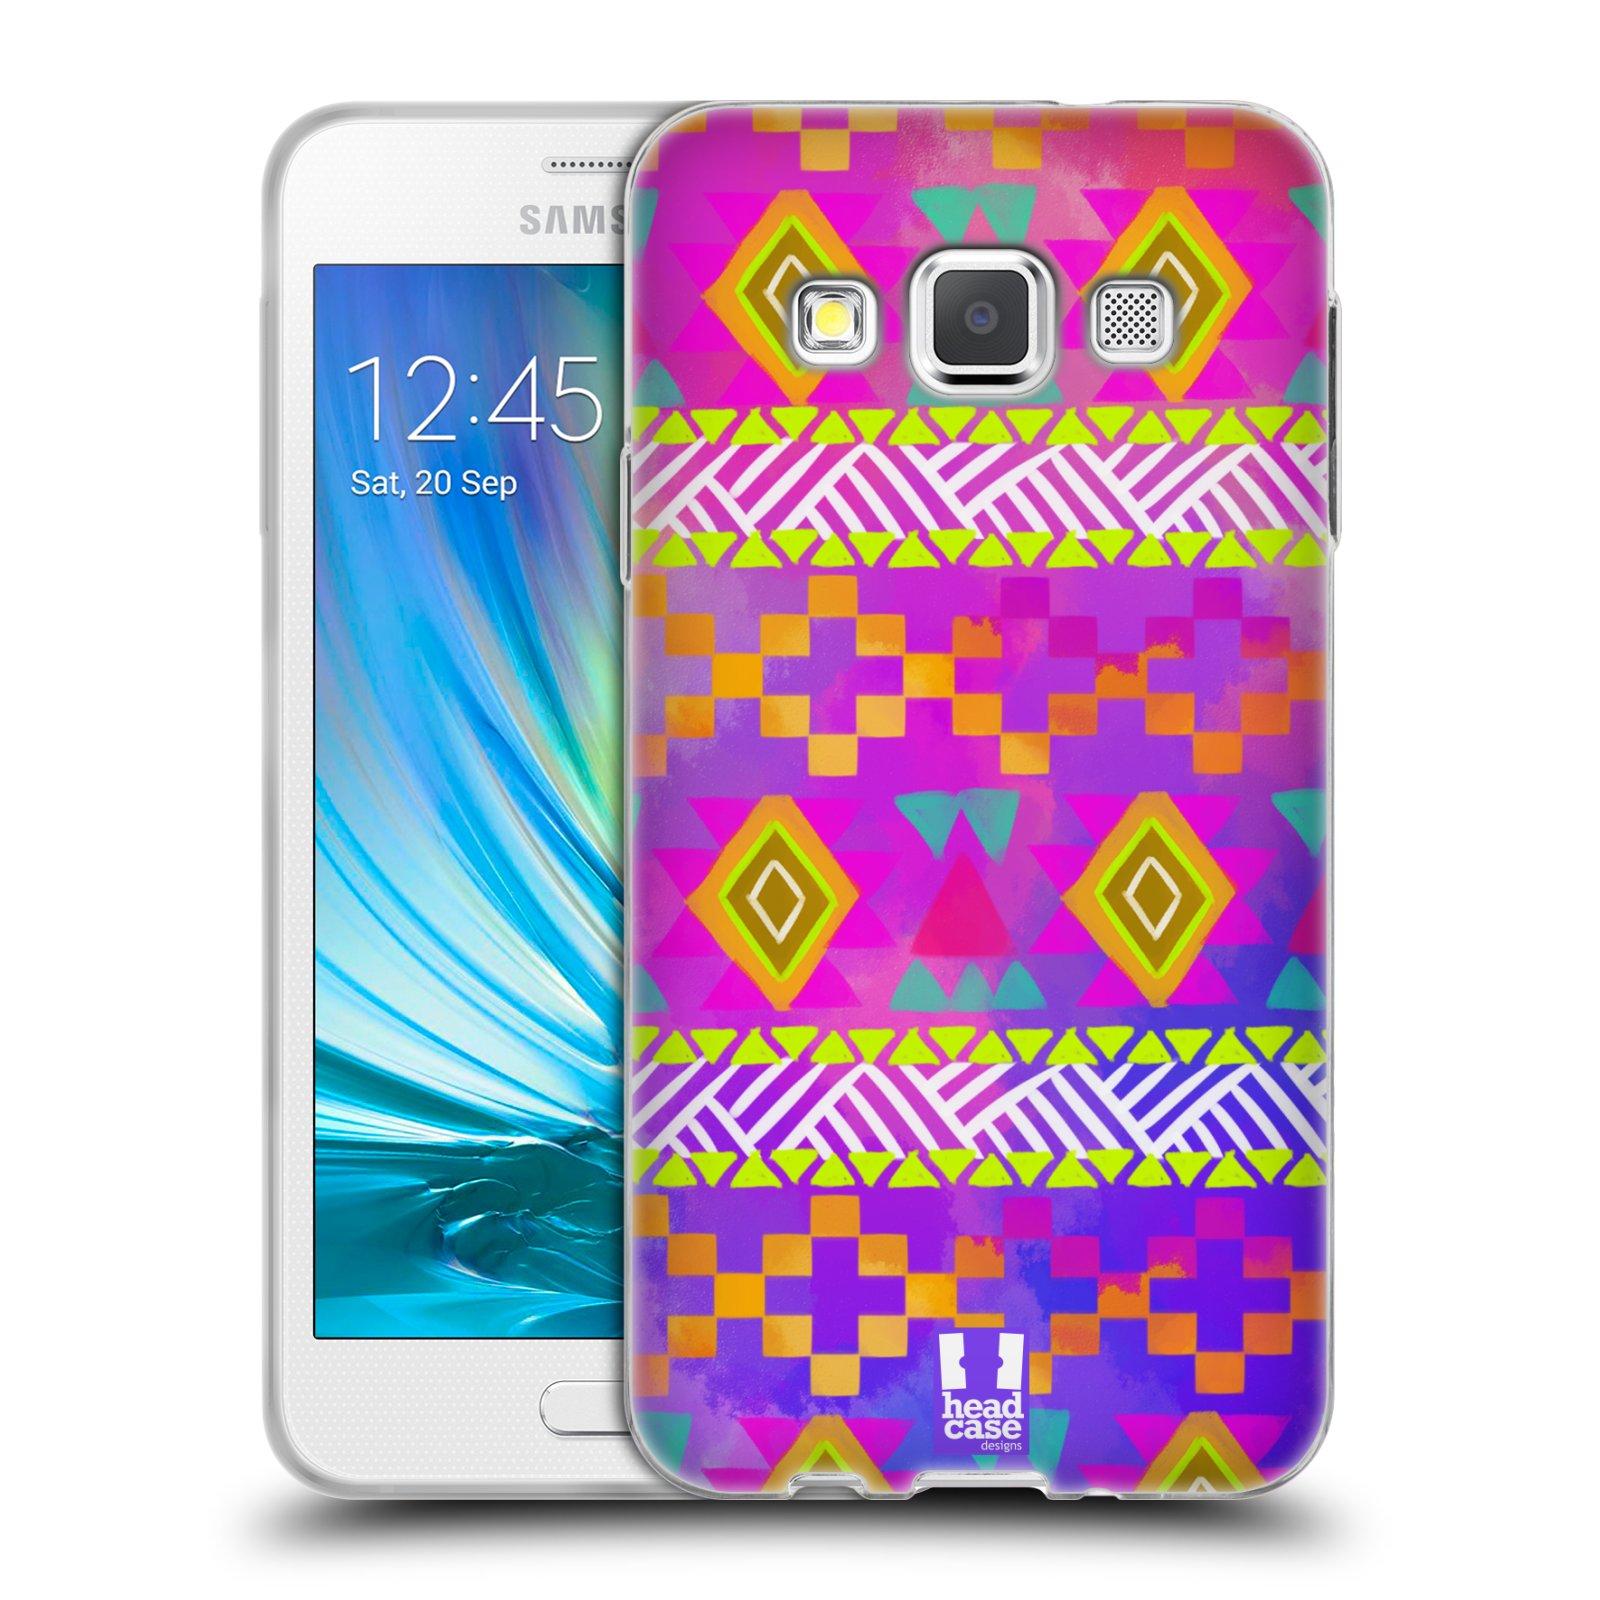 e1ea1d946 HEAD CASE silikonový obal na mobil Samsung Galaxy A3 vzor CIK CAK barevné  znaky fuchsie empty